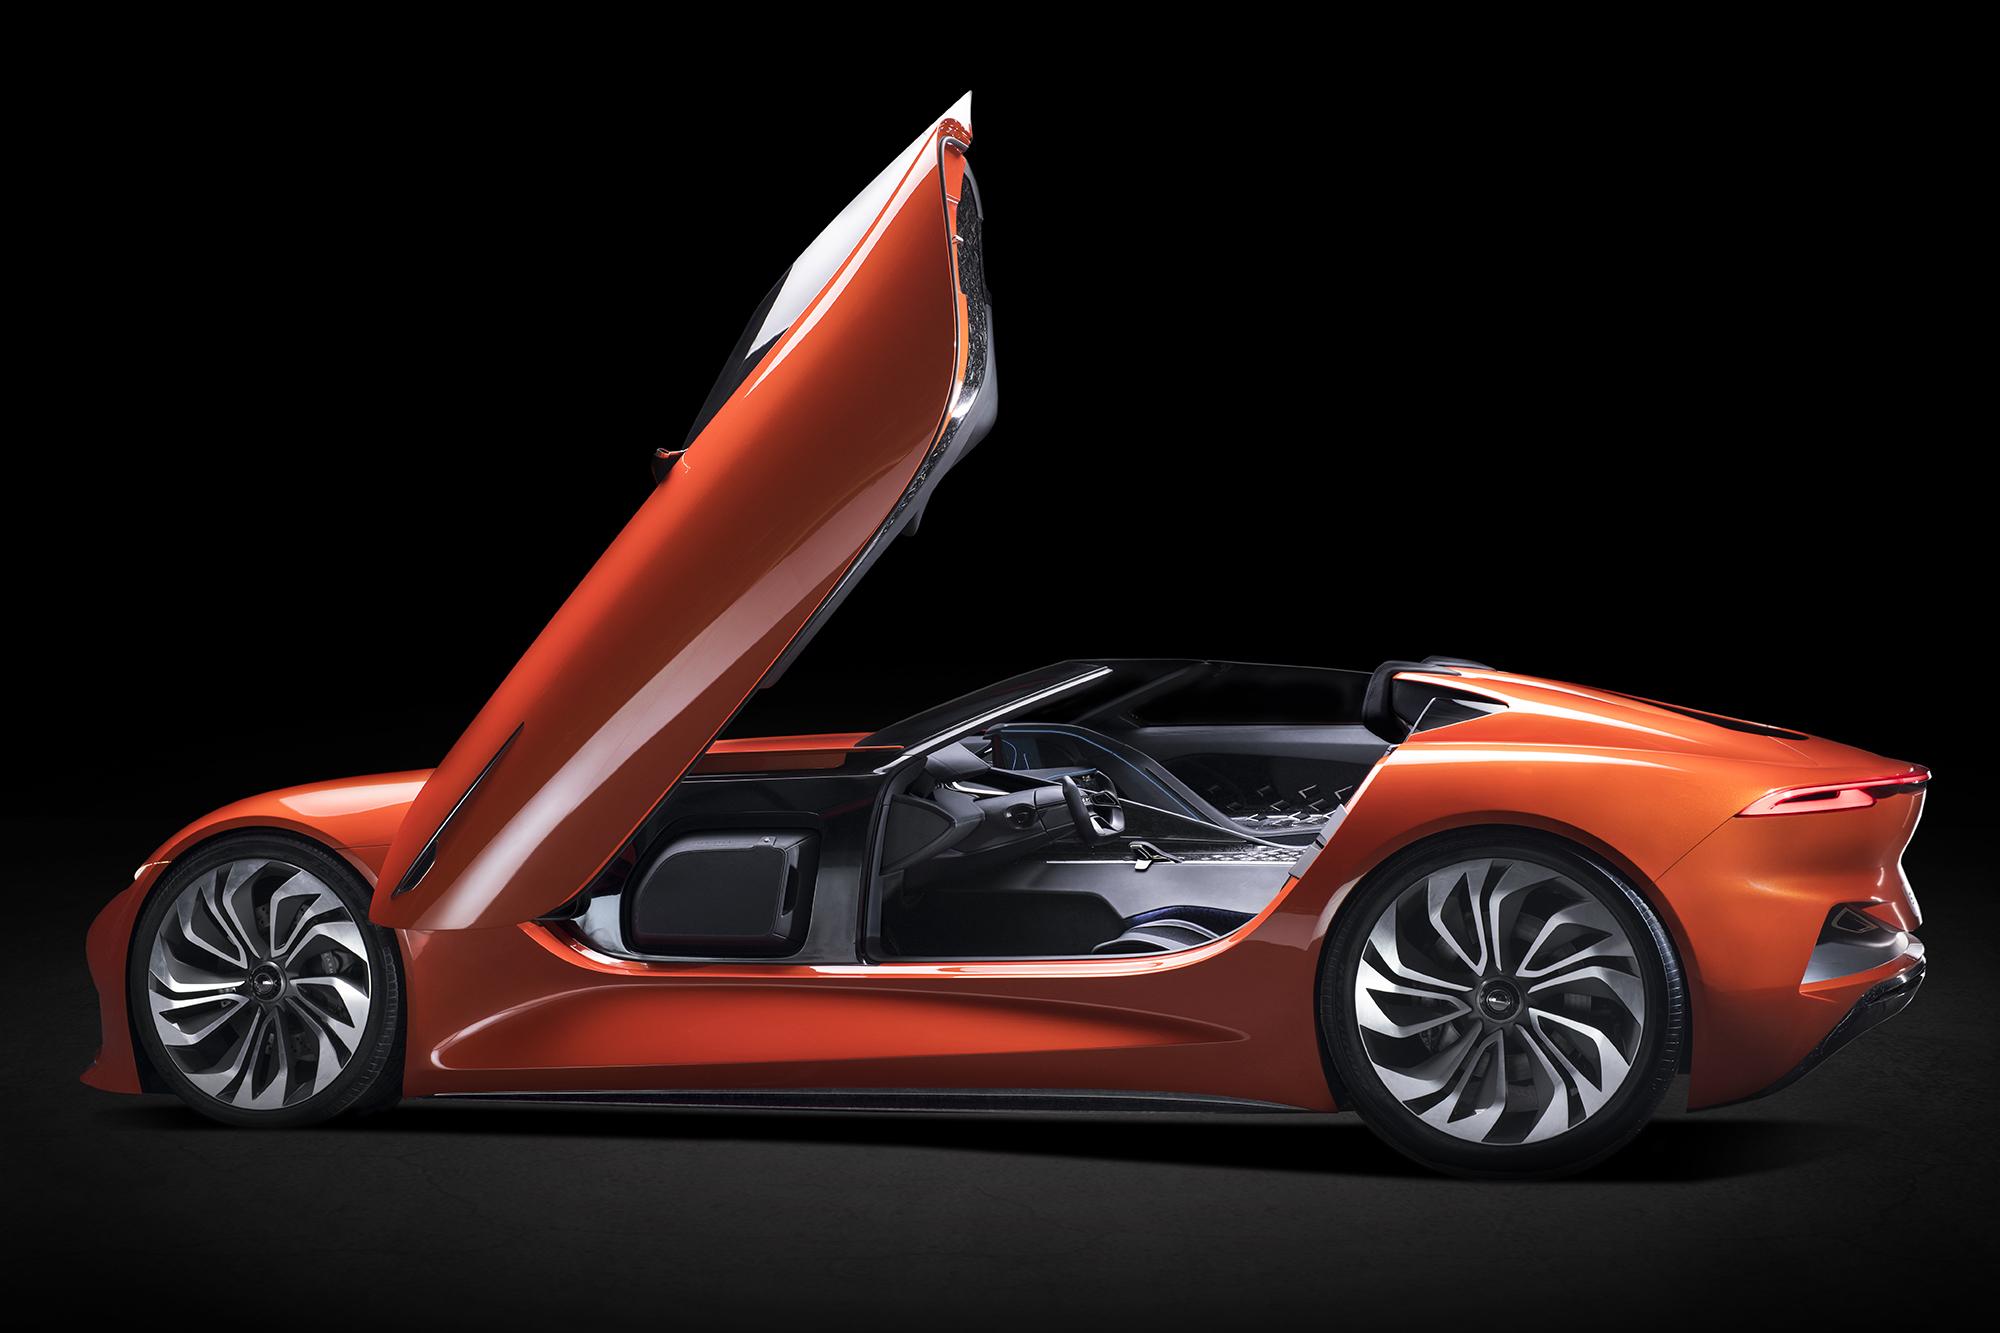 Karma Automotive SC1 Vision Car